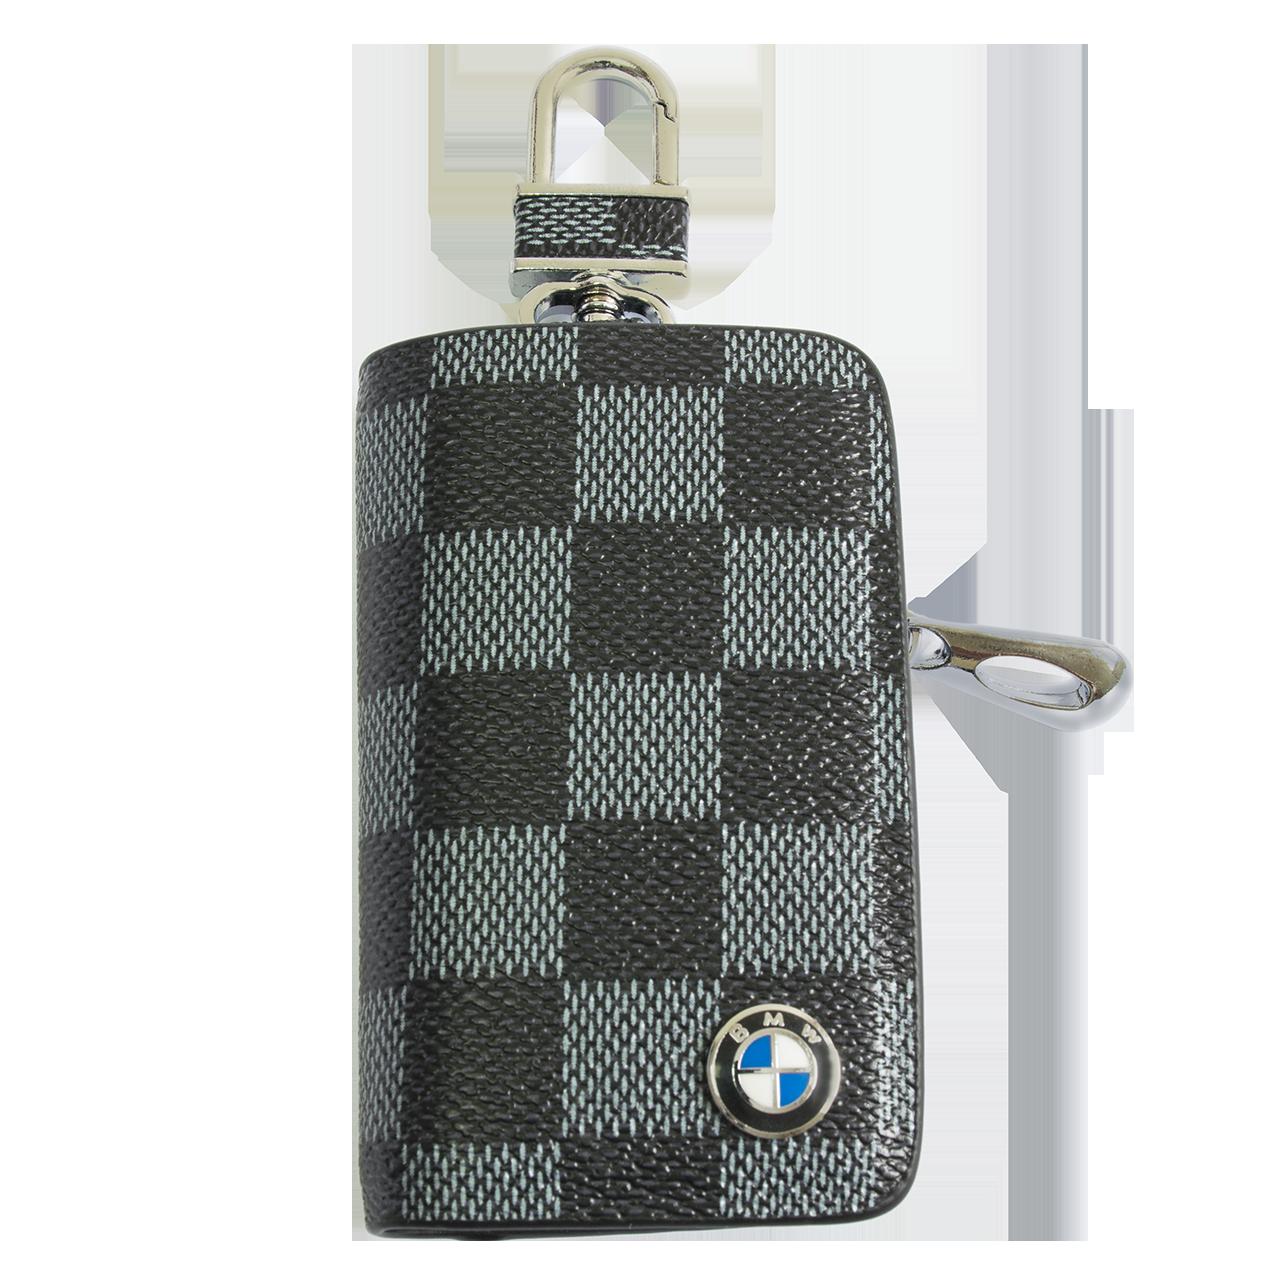 Ключниця Carss з логотипом BMW 12013 карбон сірий